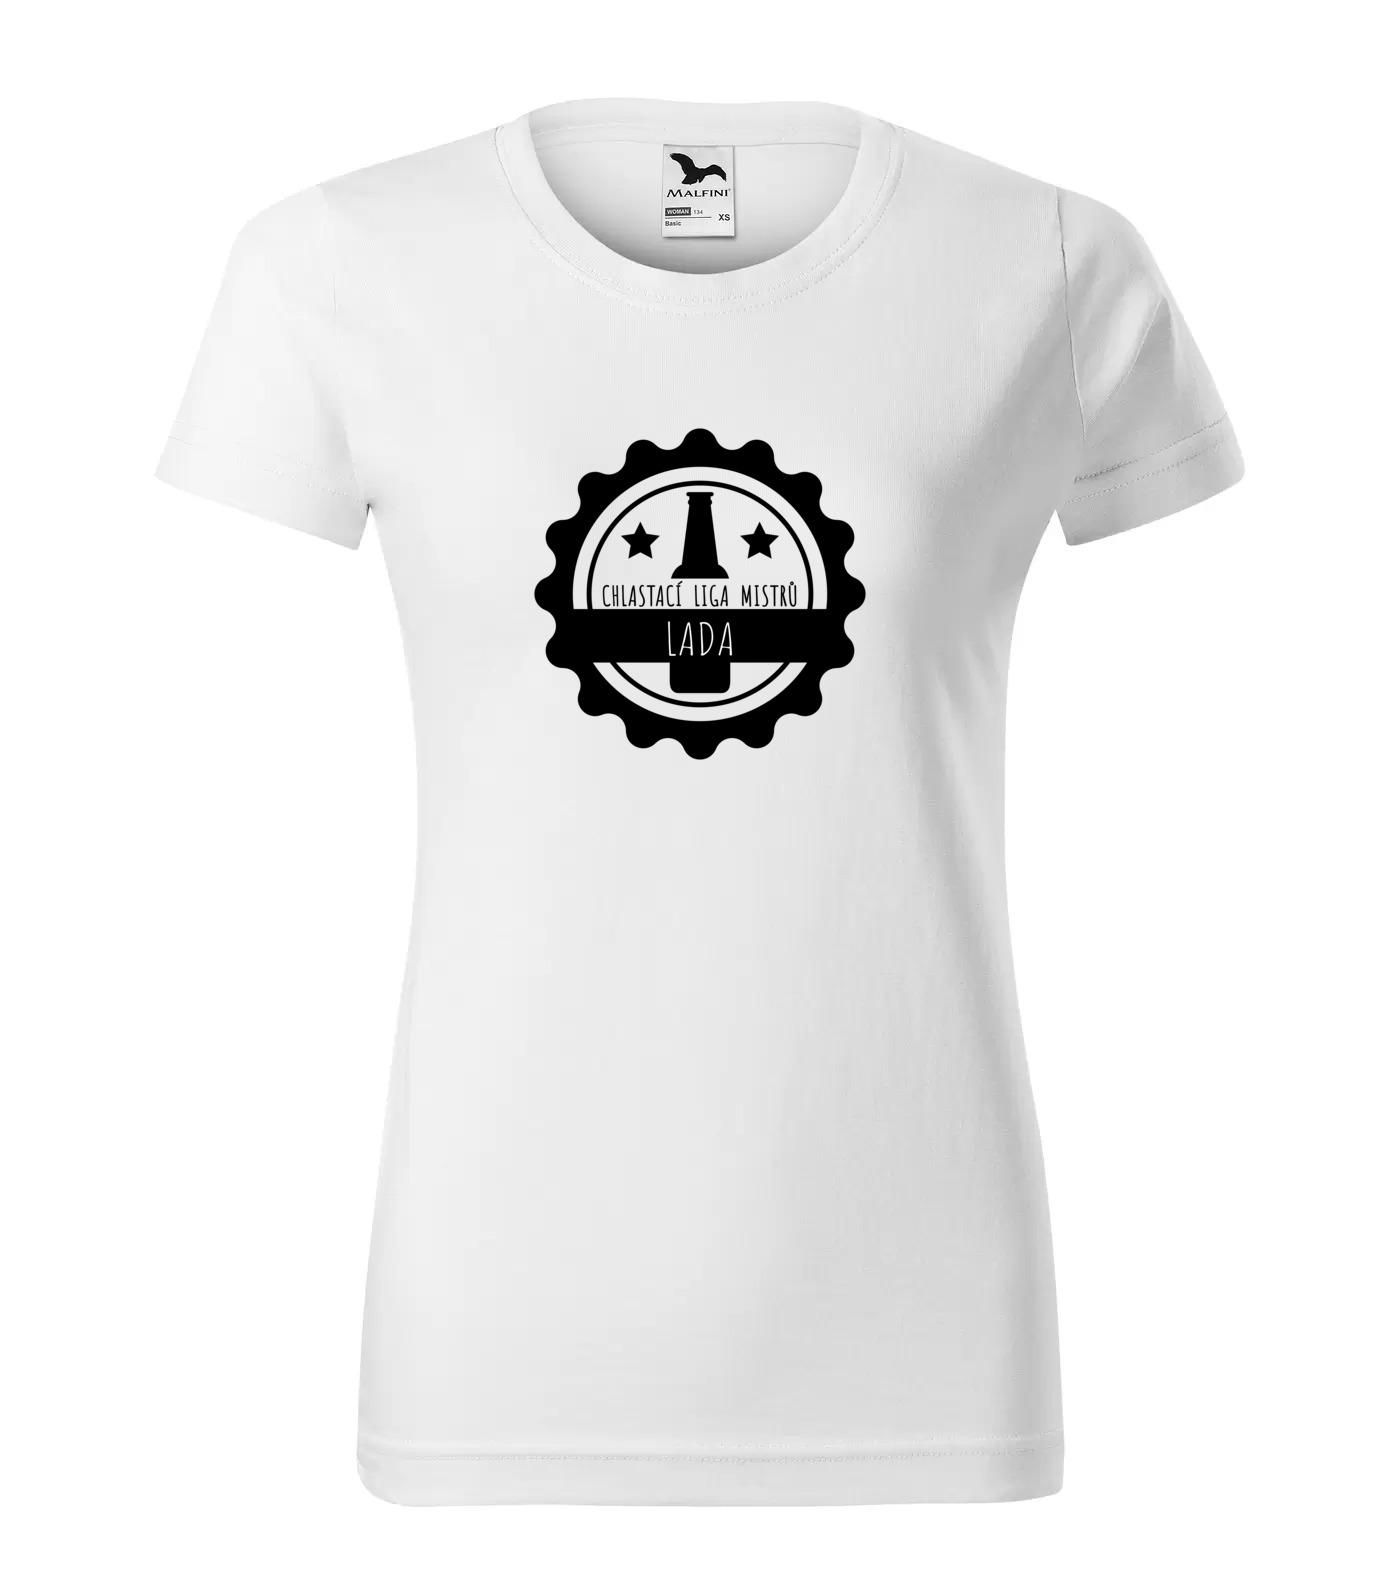 Tričko Chlastací liga žen Lada